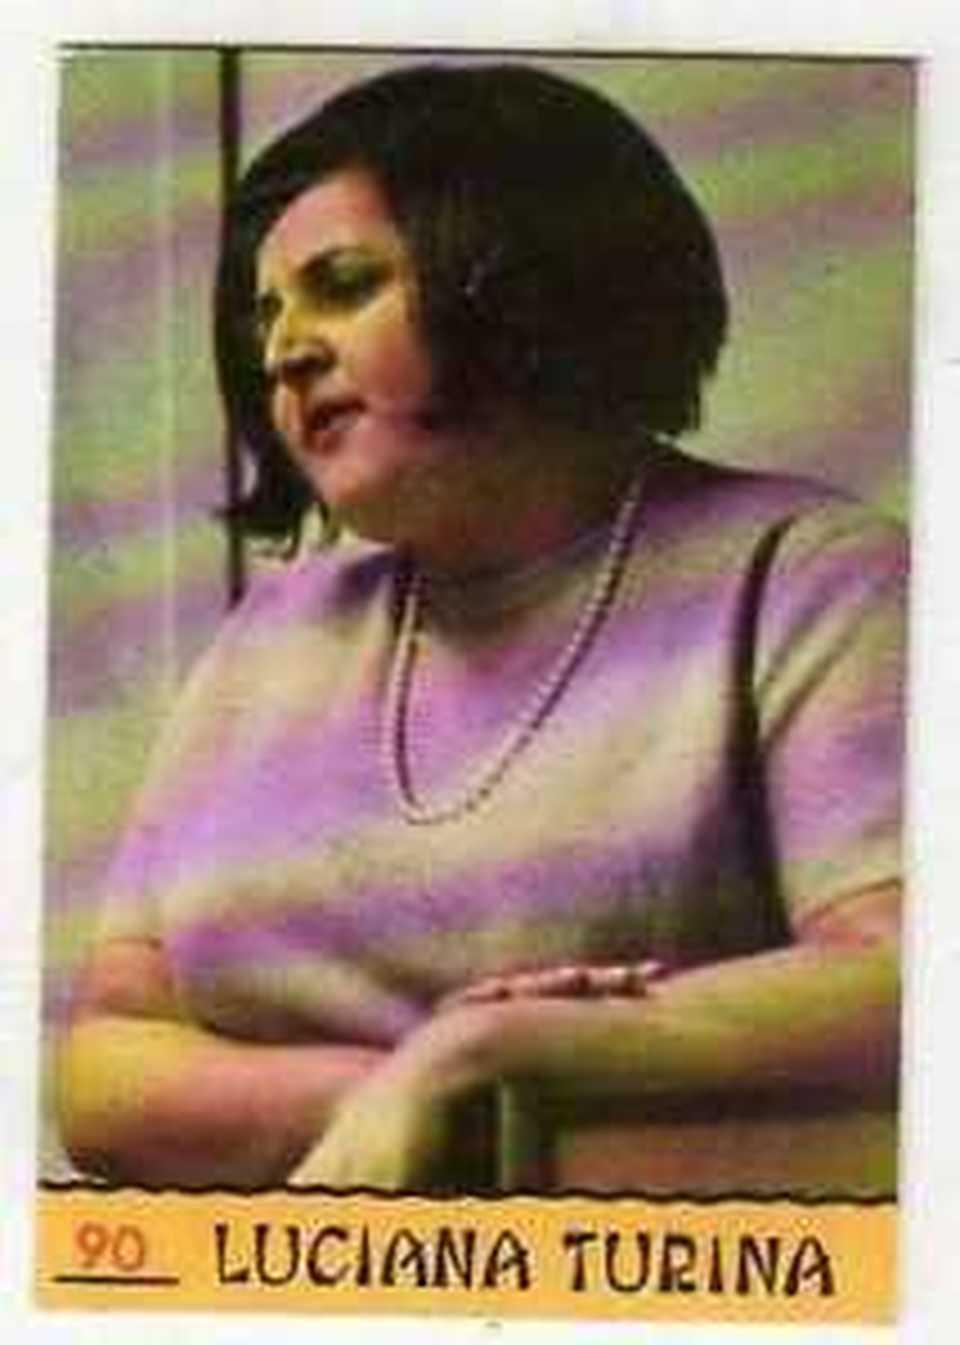 Henrietta Watson,Caroline Francischini BRA Erotic pictures Cameron Bright,Emily Mortimer (born 1971 (naturalized American citizen)